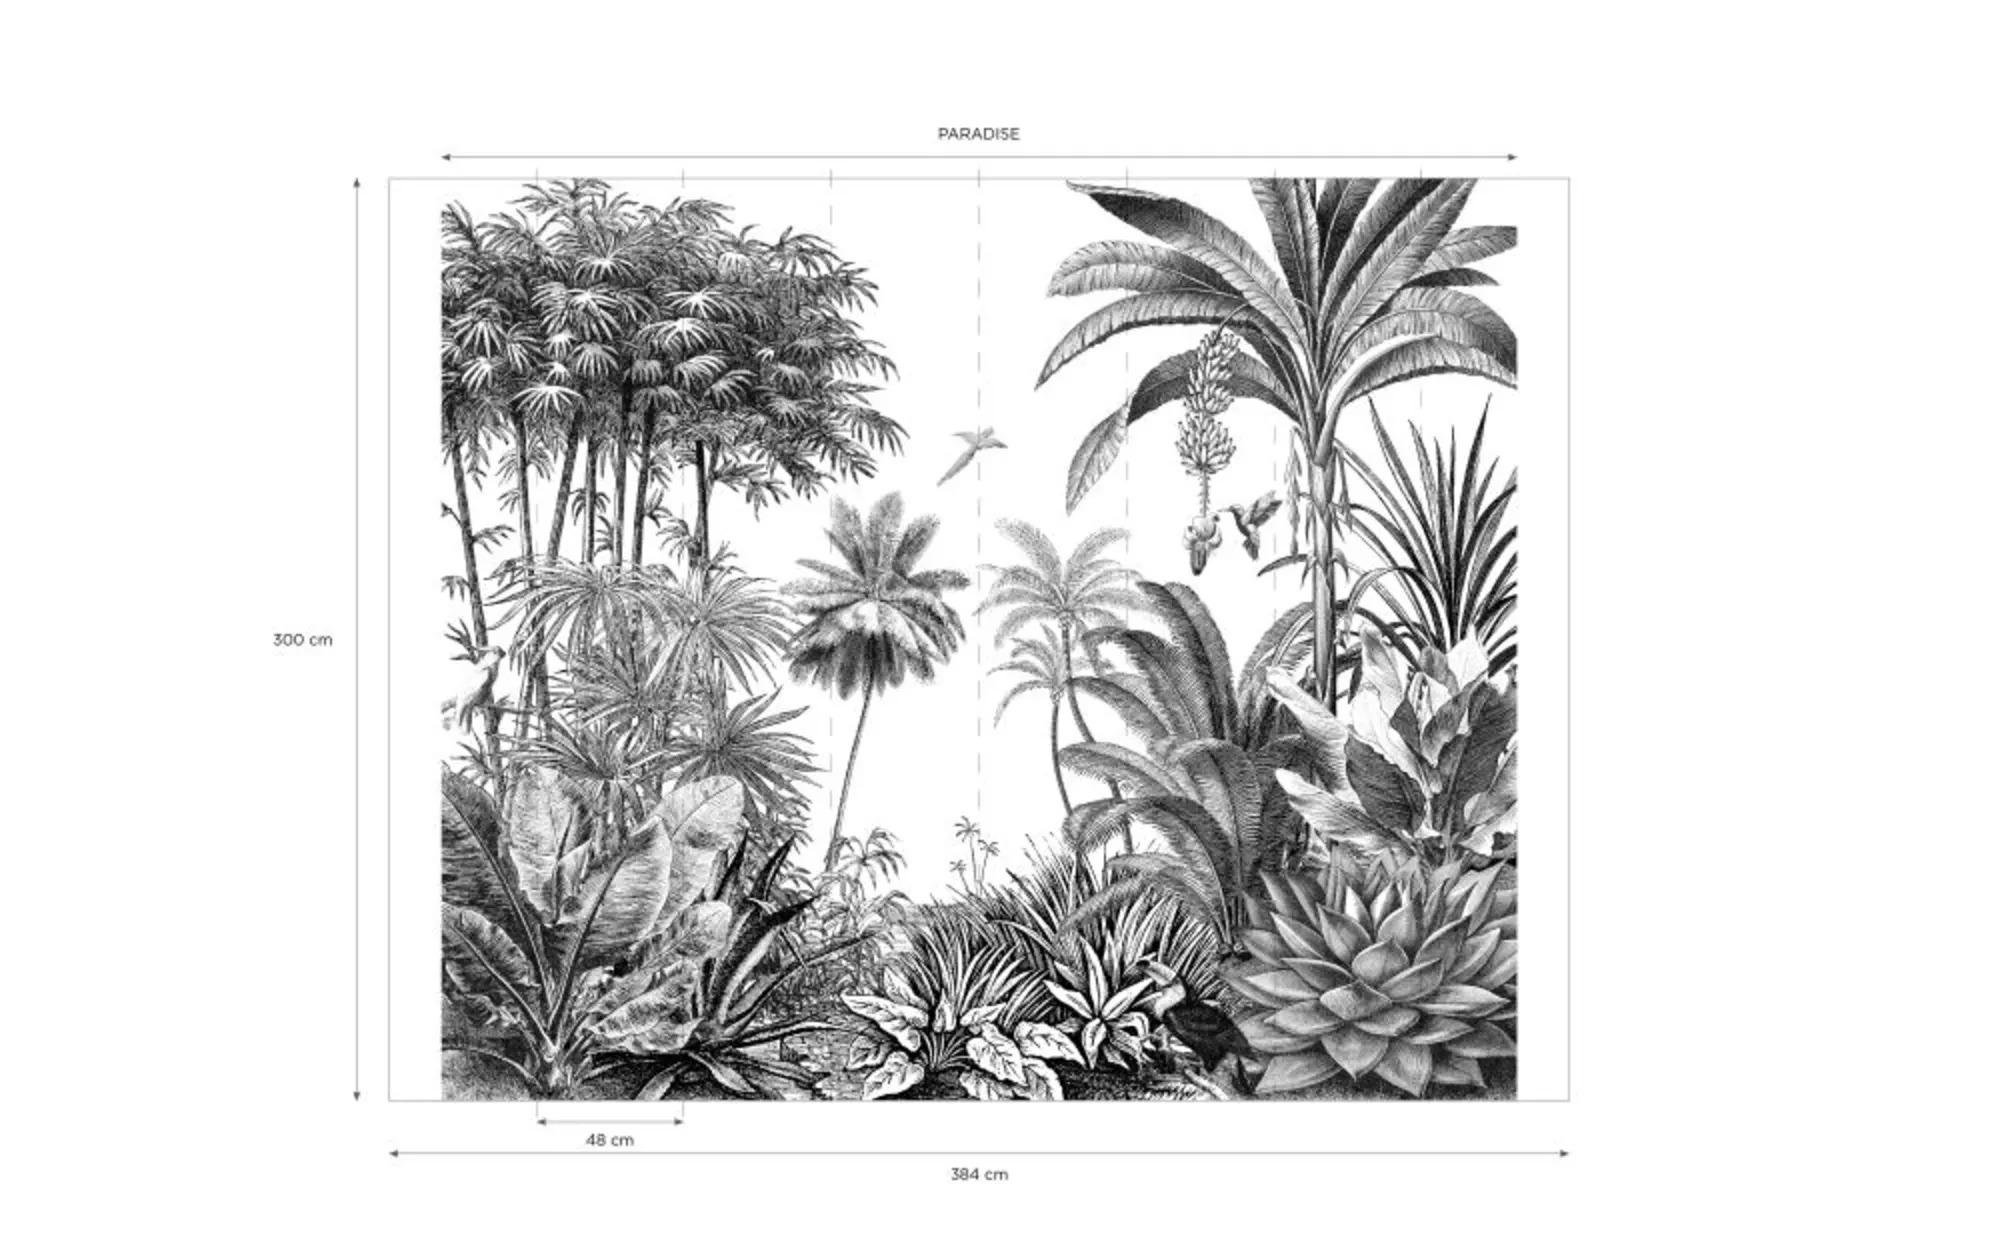 PARADISE.- Papel pintado no tejido con estampado de jungla en blanco y negro 300x350 cms